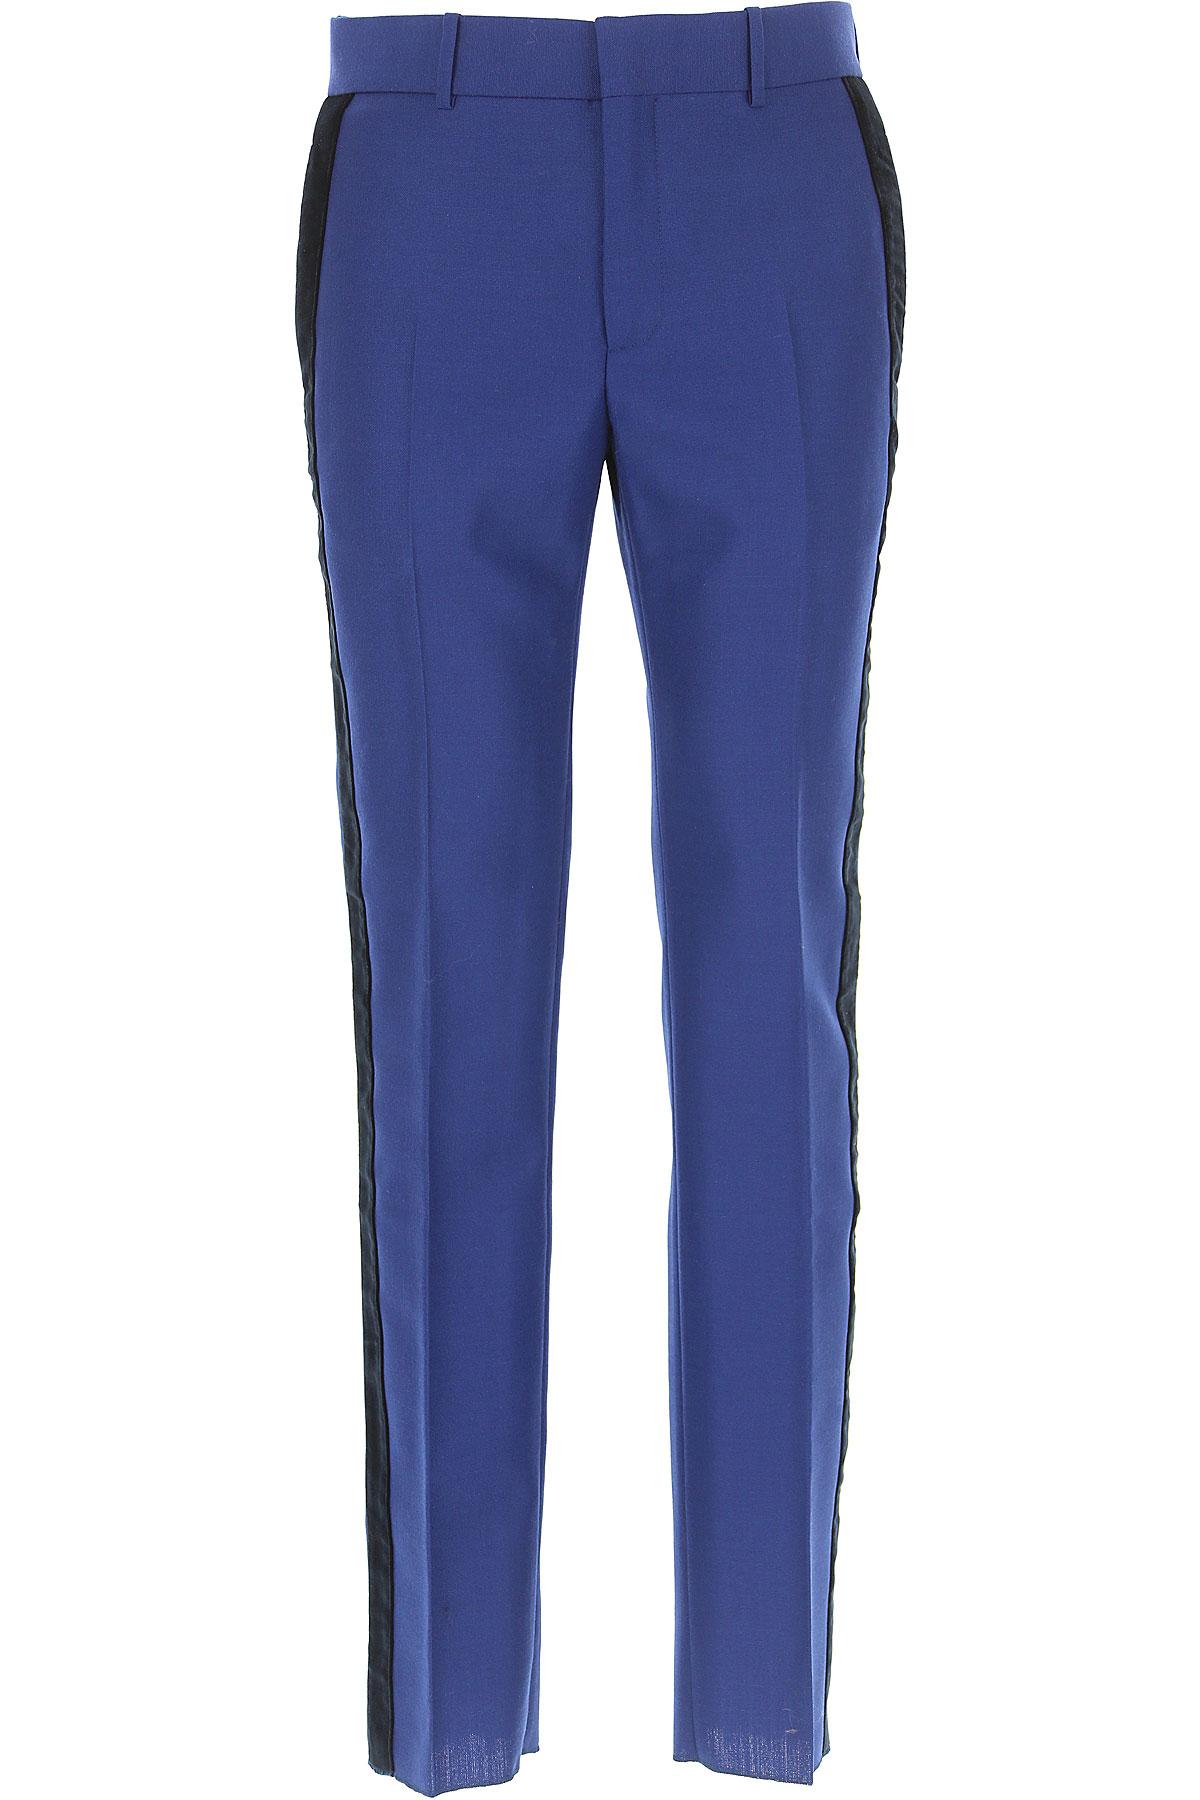 Alexander McQueen Pantalones De Hombre, Pantalón Baratos En Rebajas Outlet, Azul, Lana, 2019, 32 34